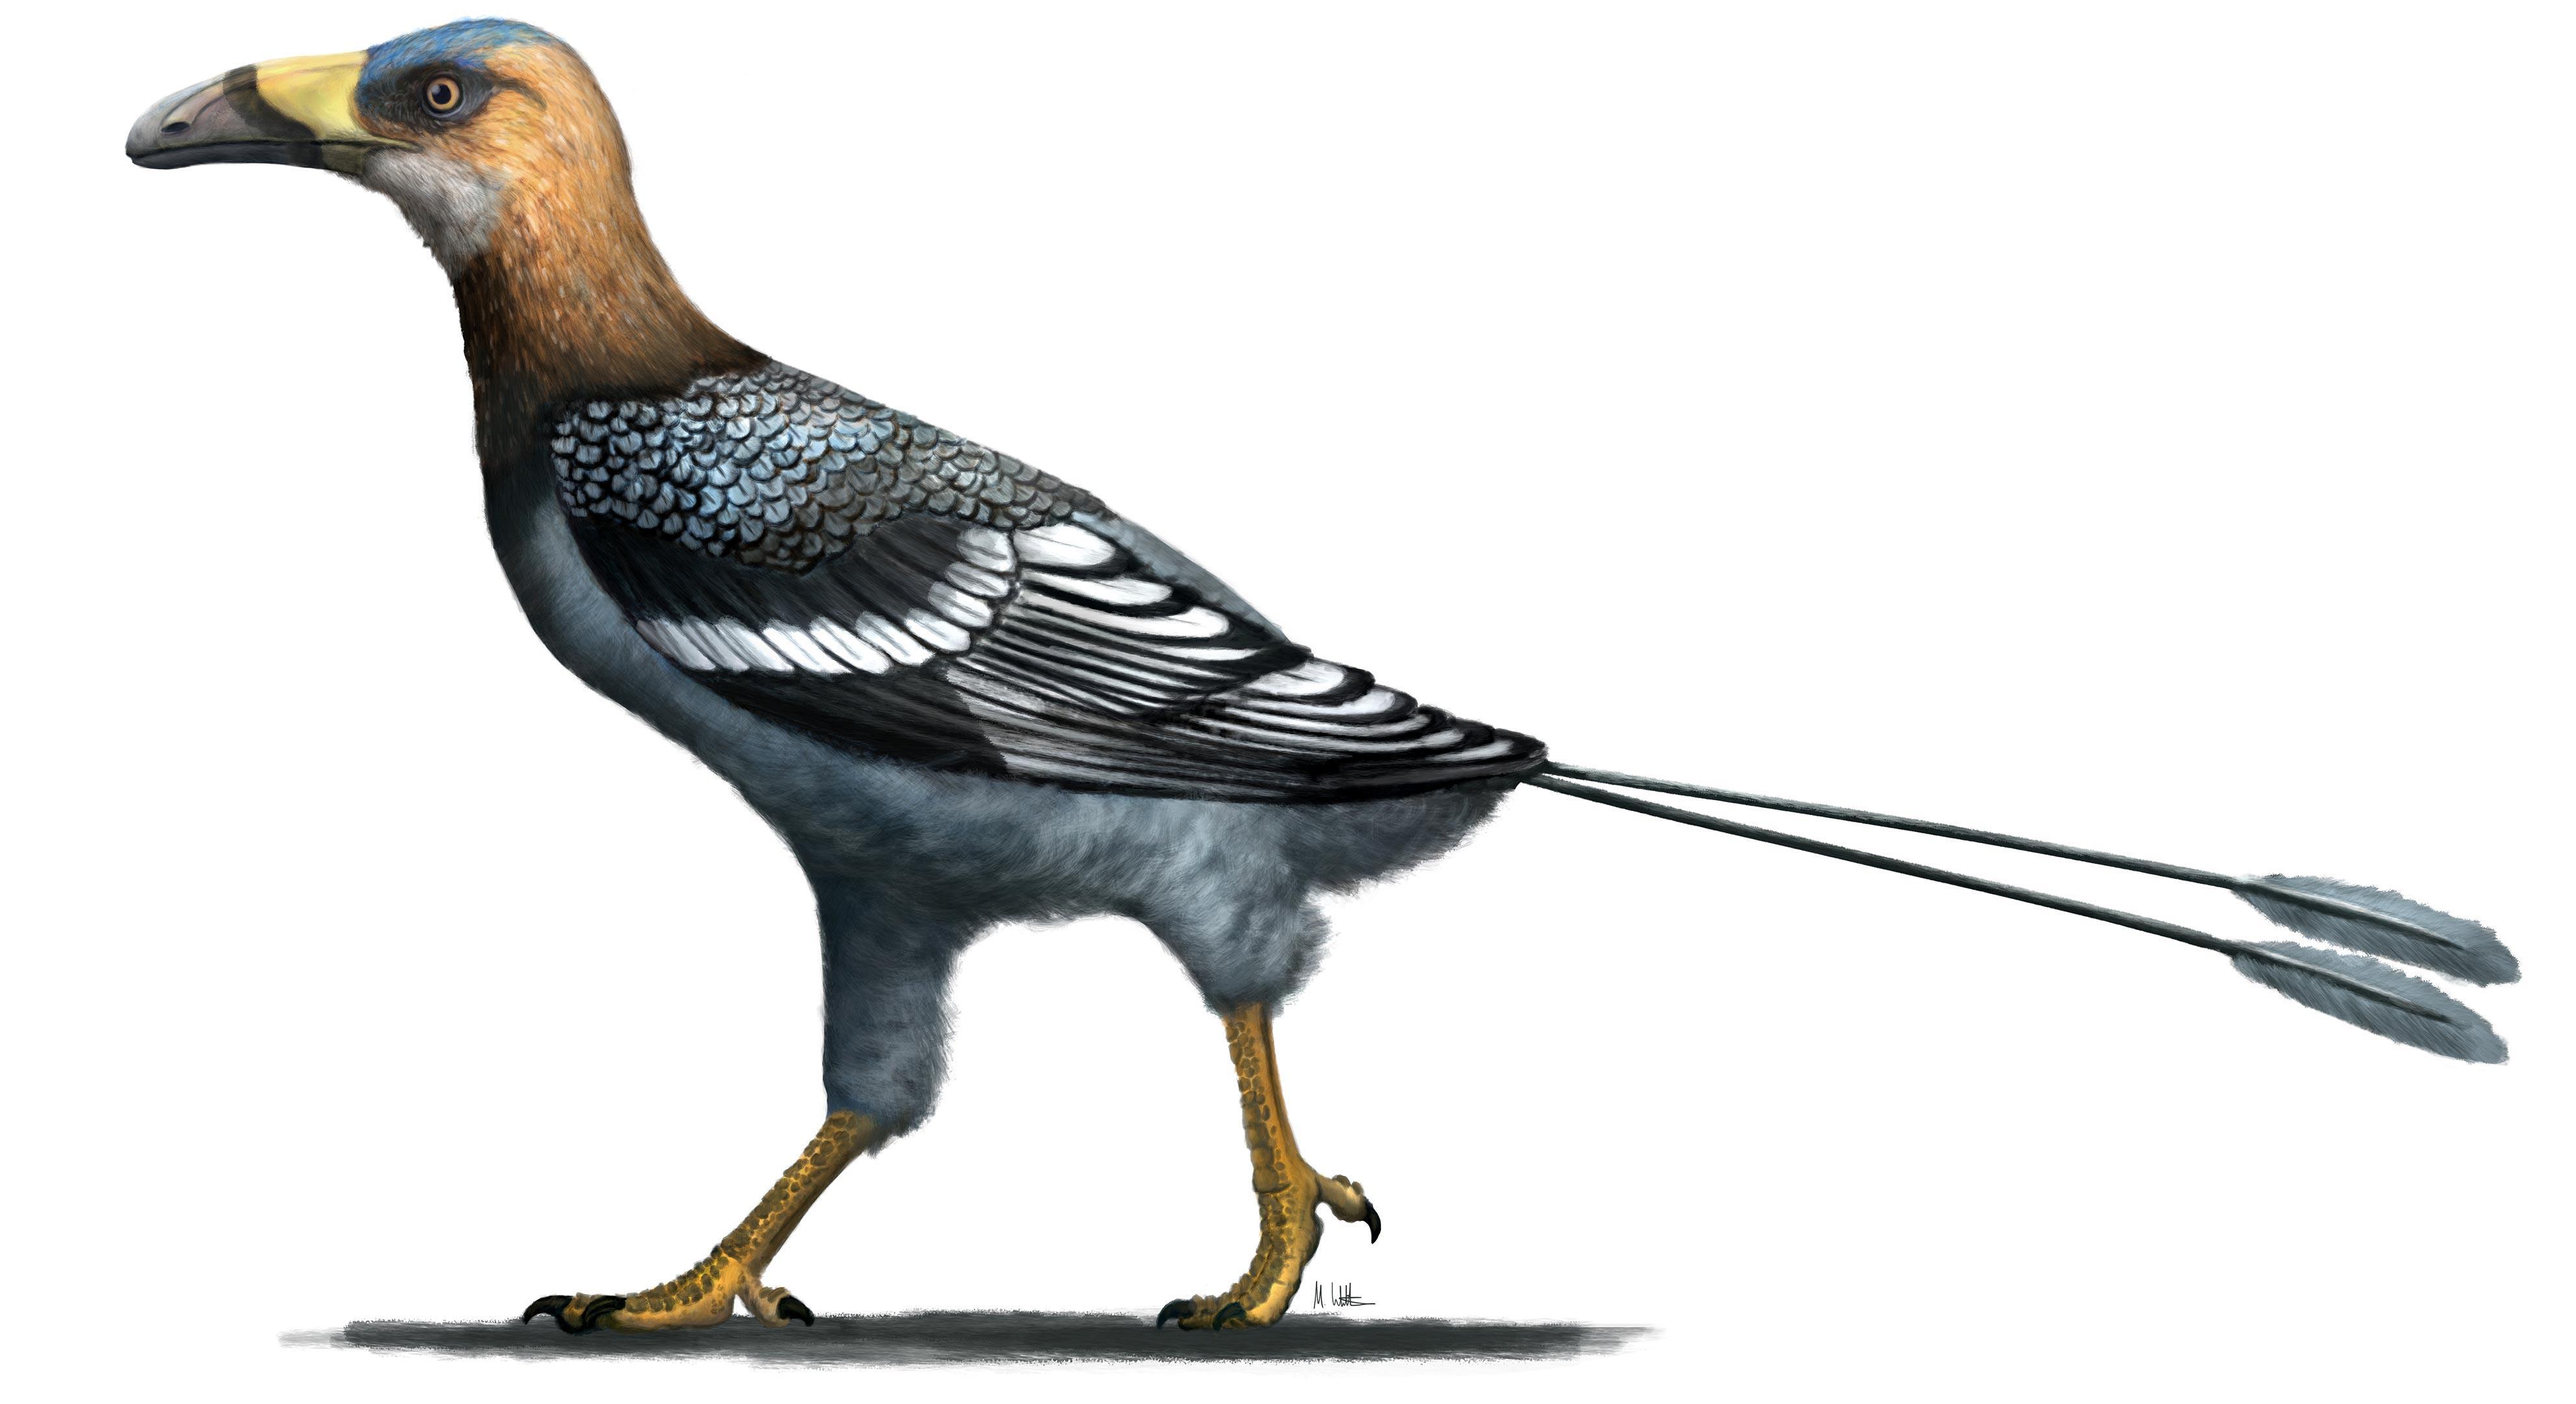 Найдена древняя крошечная птица, похожая на тукана